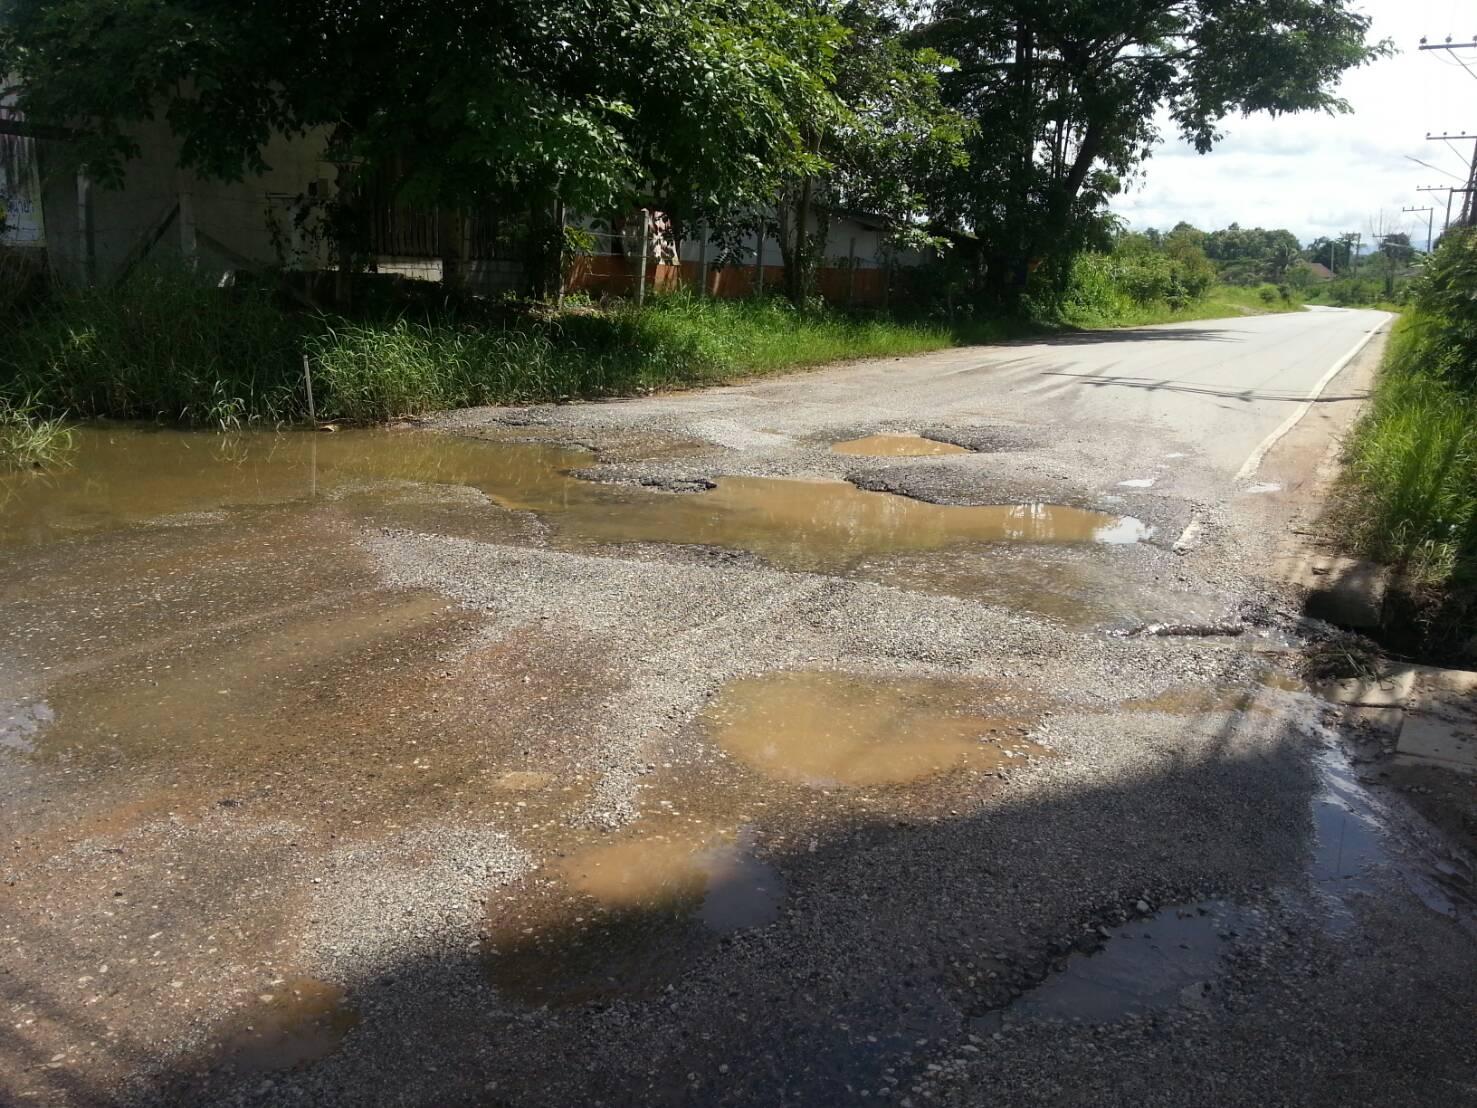 ถนนที่มีน้ำท่วมขัง